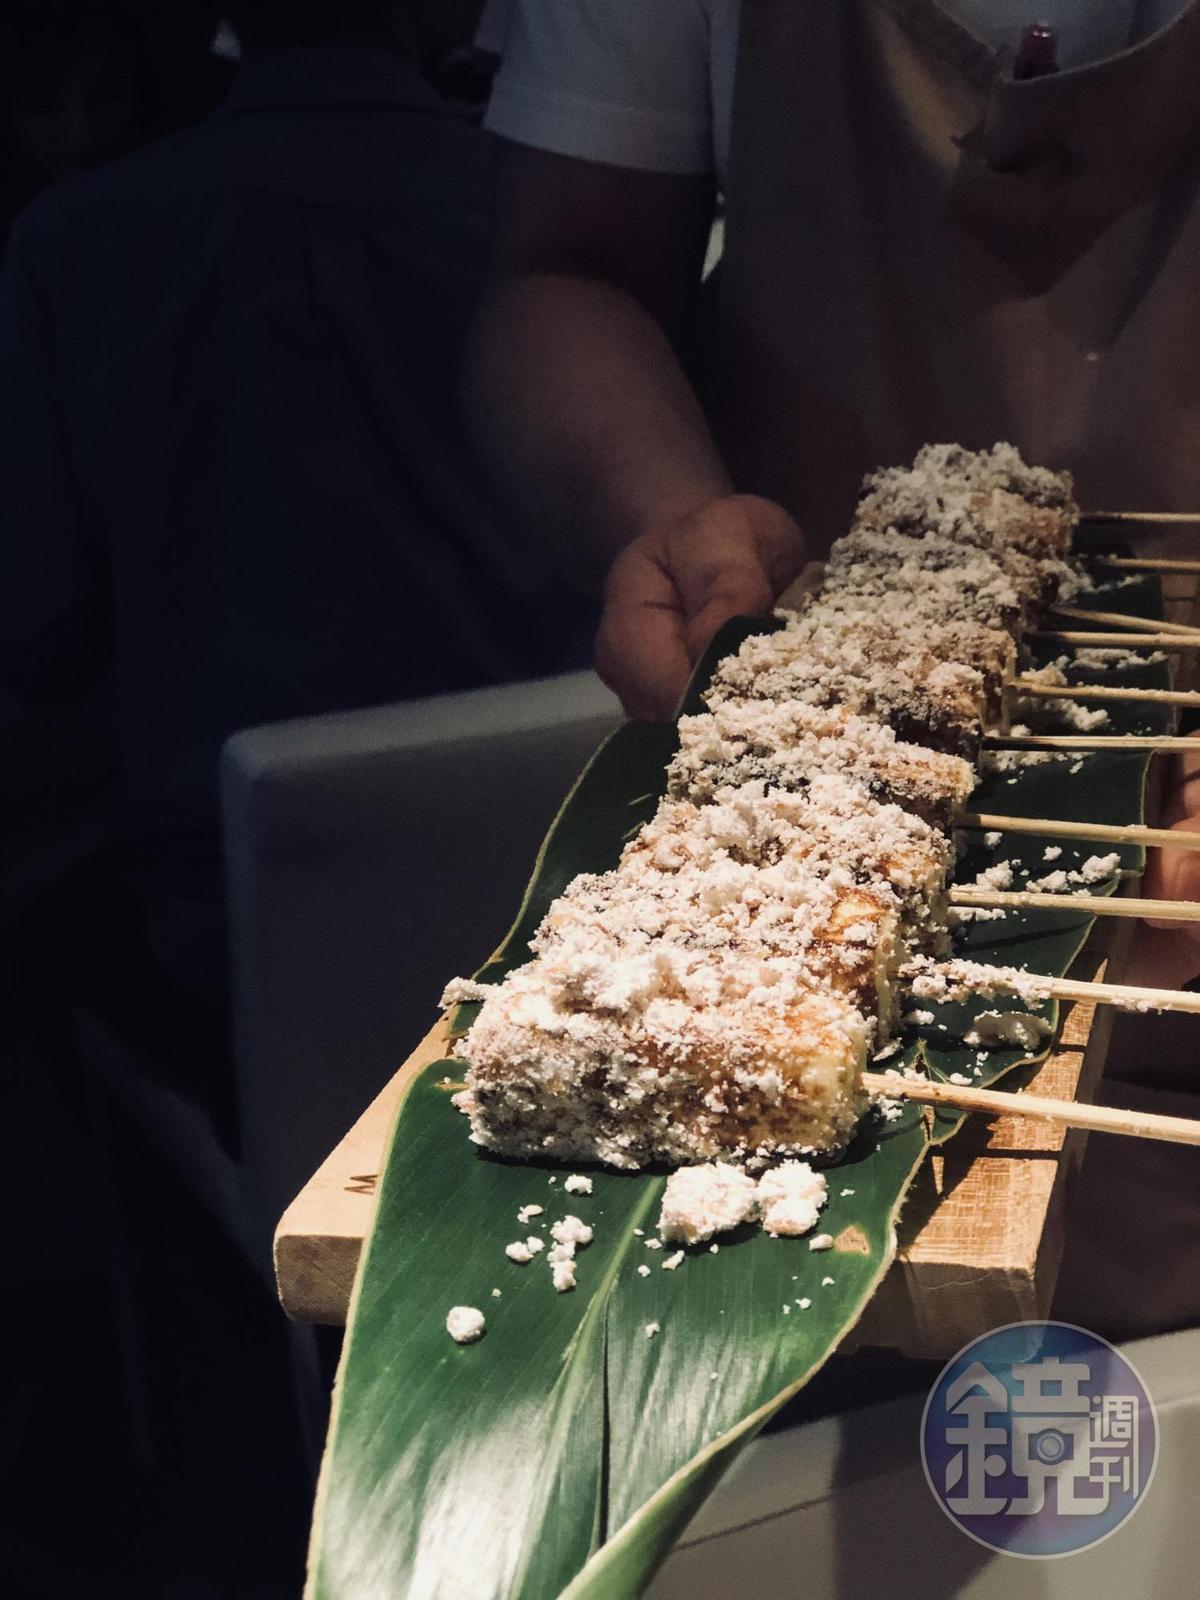 江振誠以雞皮、雞油製成的「炭烤雞皮棉花糖」。